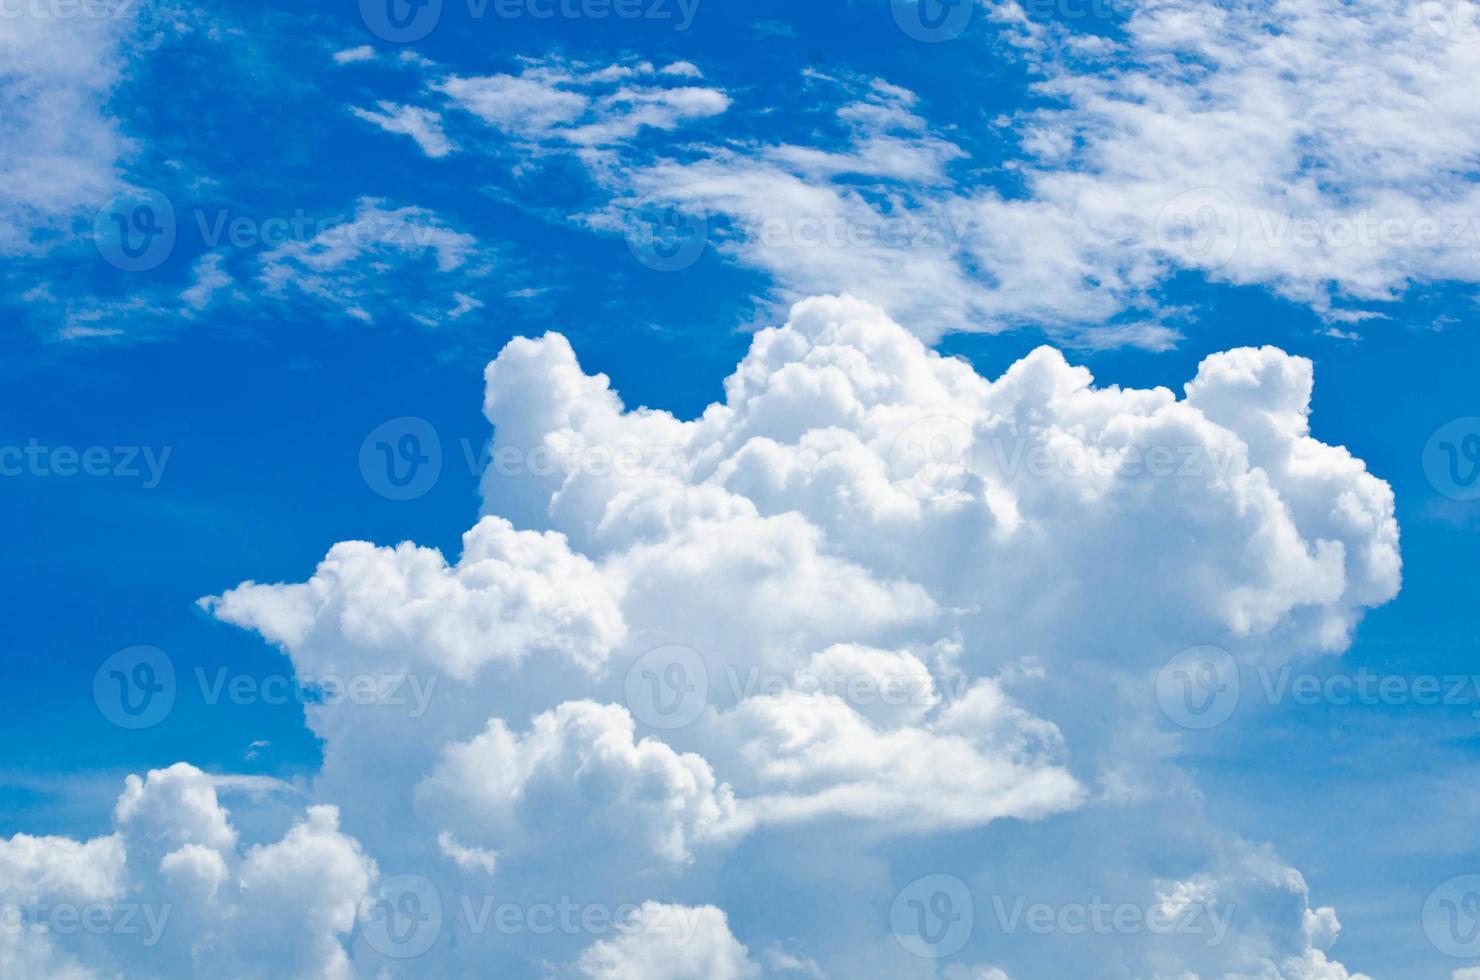 nuvole bianche con cielo blu. foto